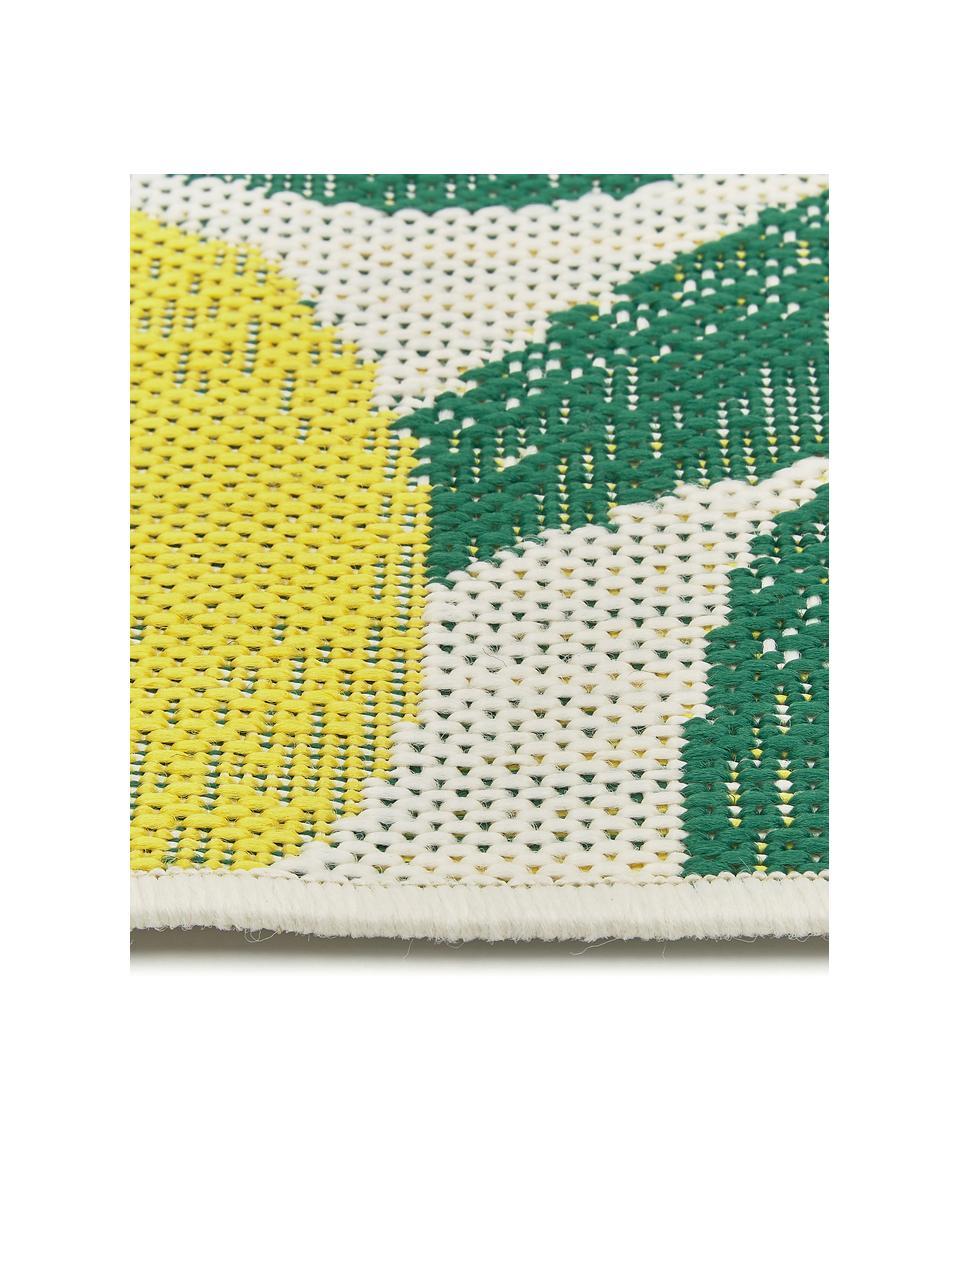 Chodnik wewnętrzny/zewnętrzny Limonia, 86% polipropylen, 14% poliester, Kremowobiały, żółty, zielony, S 80 x D 250 cm